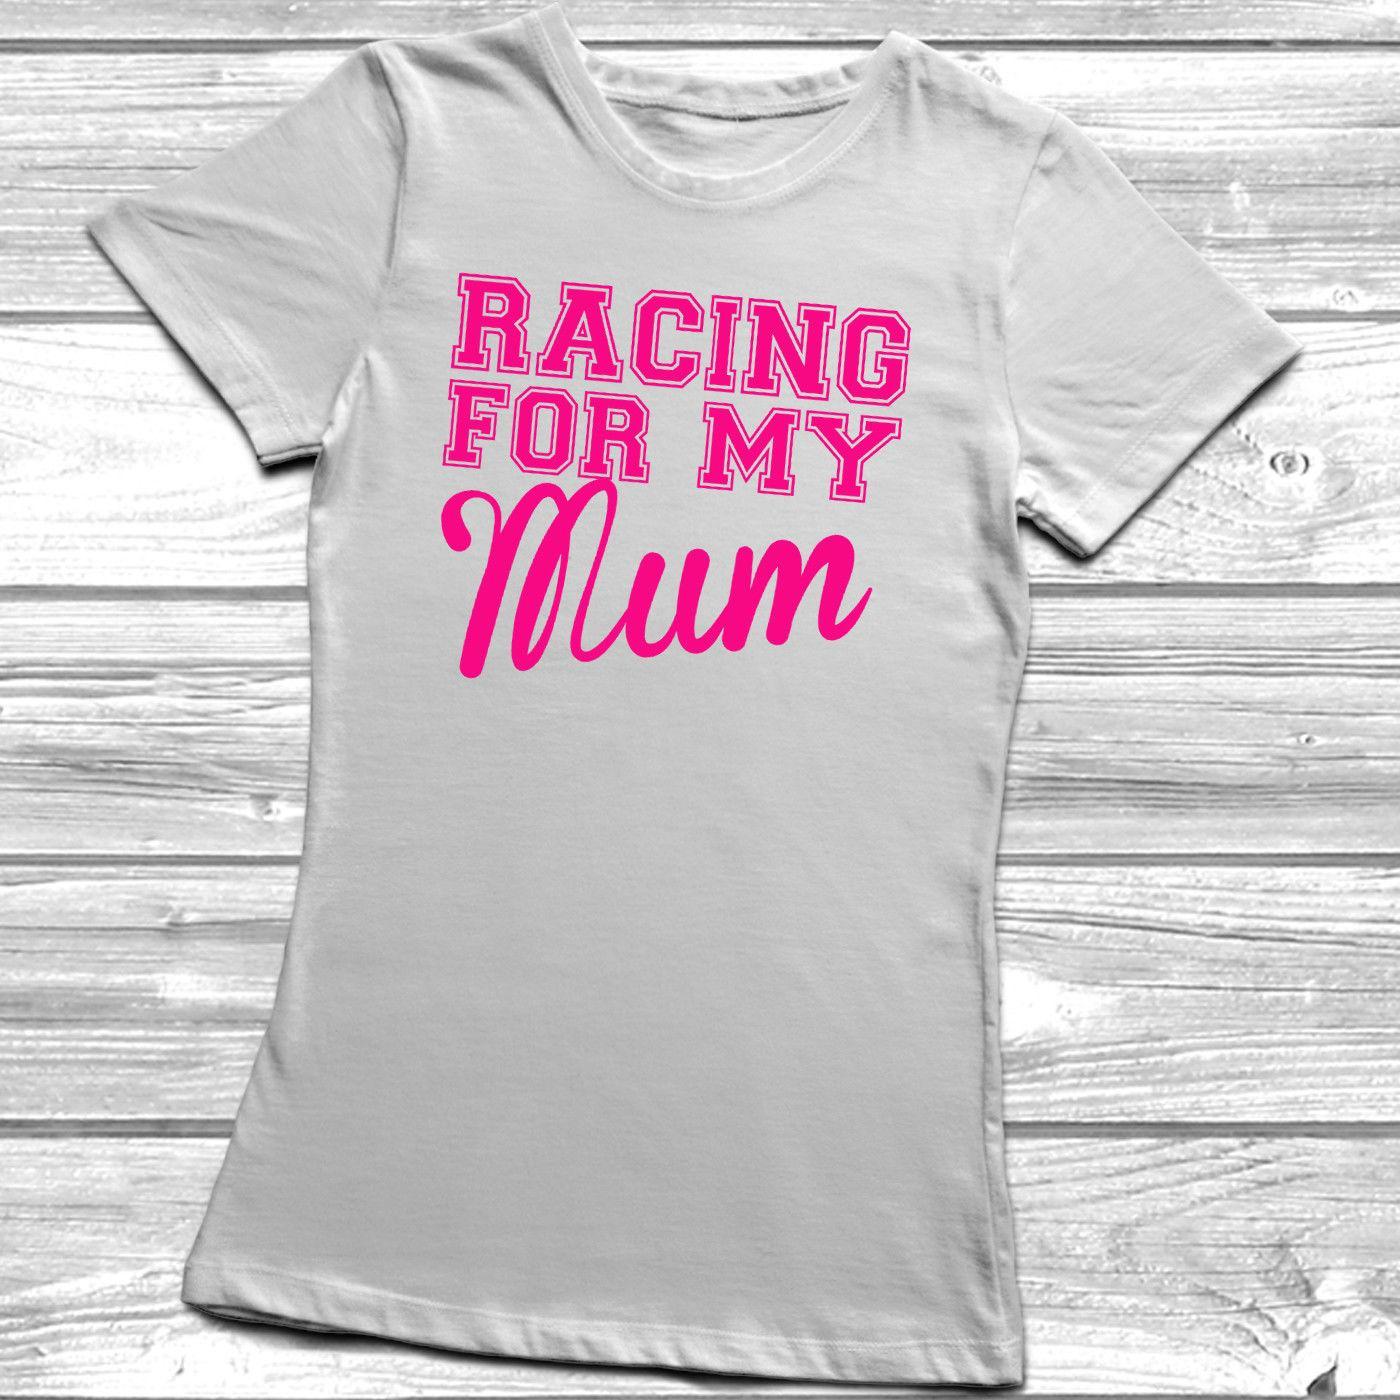 RACER für mein T-Shirt Rennen Leben Mama Tante Dad Onkel T Top Cancer CharityMen T-Shirts Sommer-Art-Mode Swag Männer